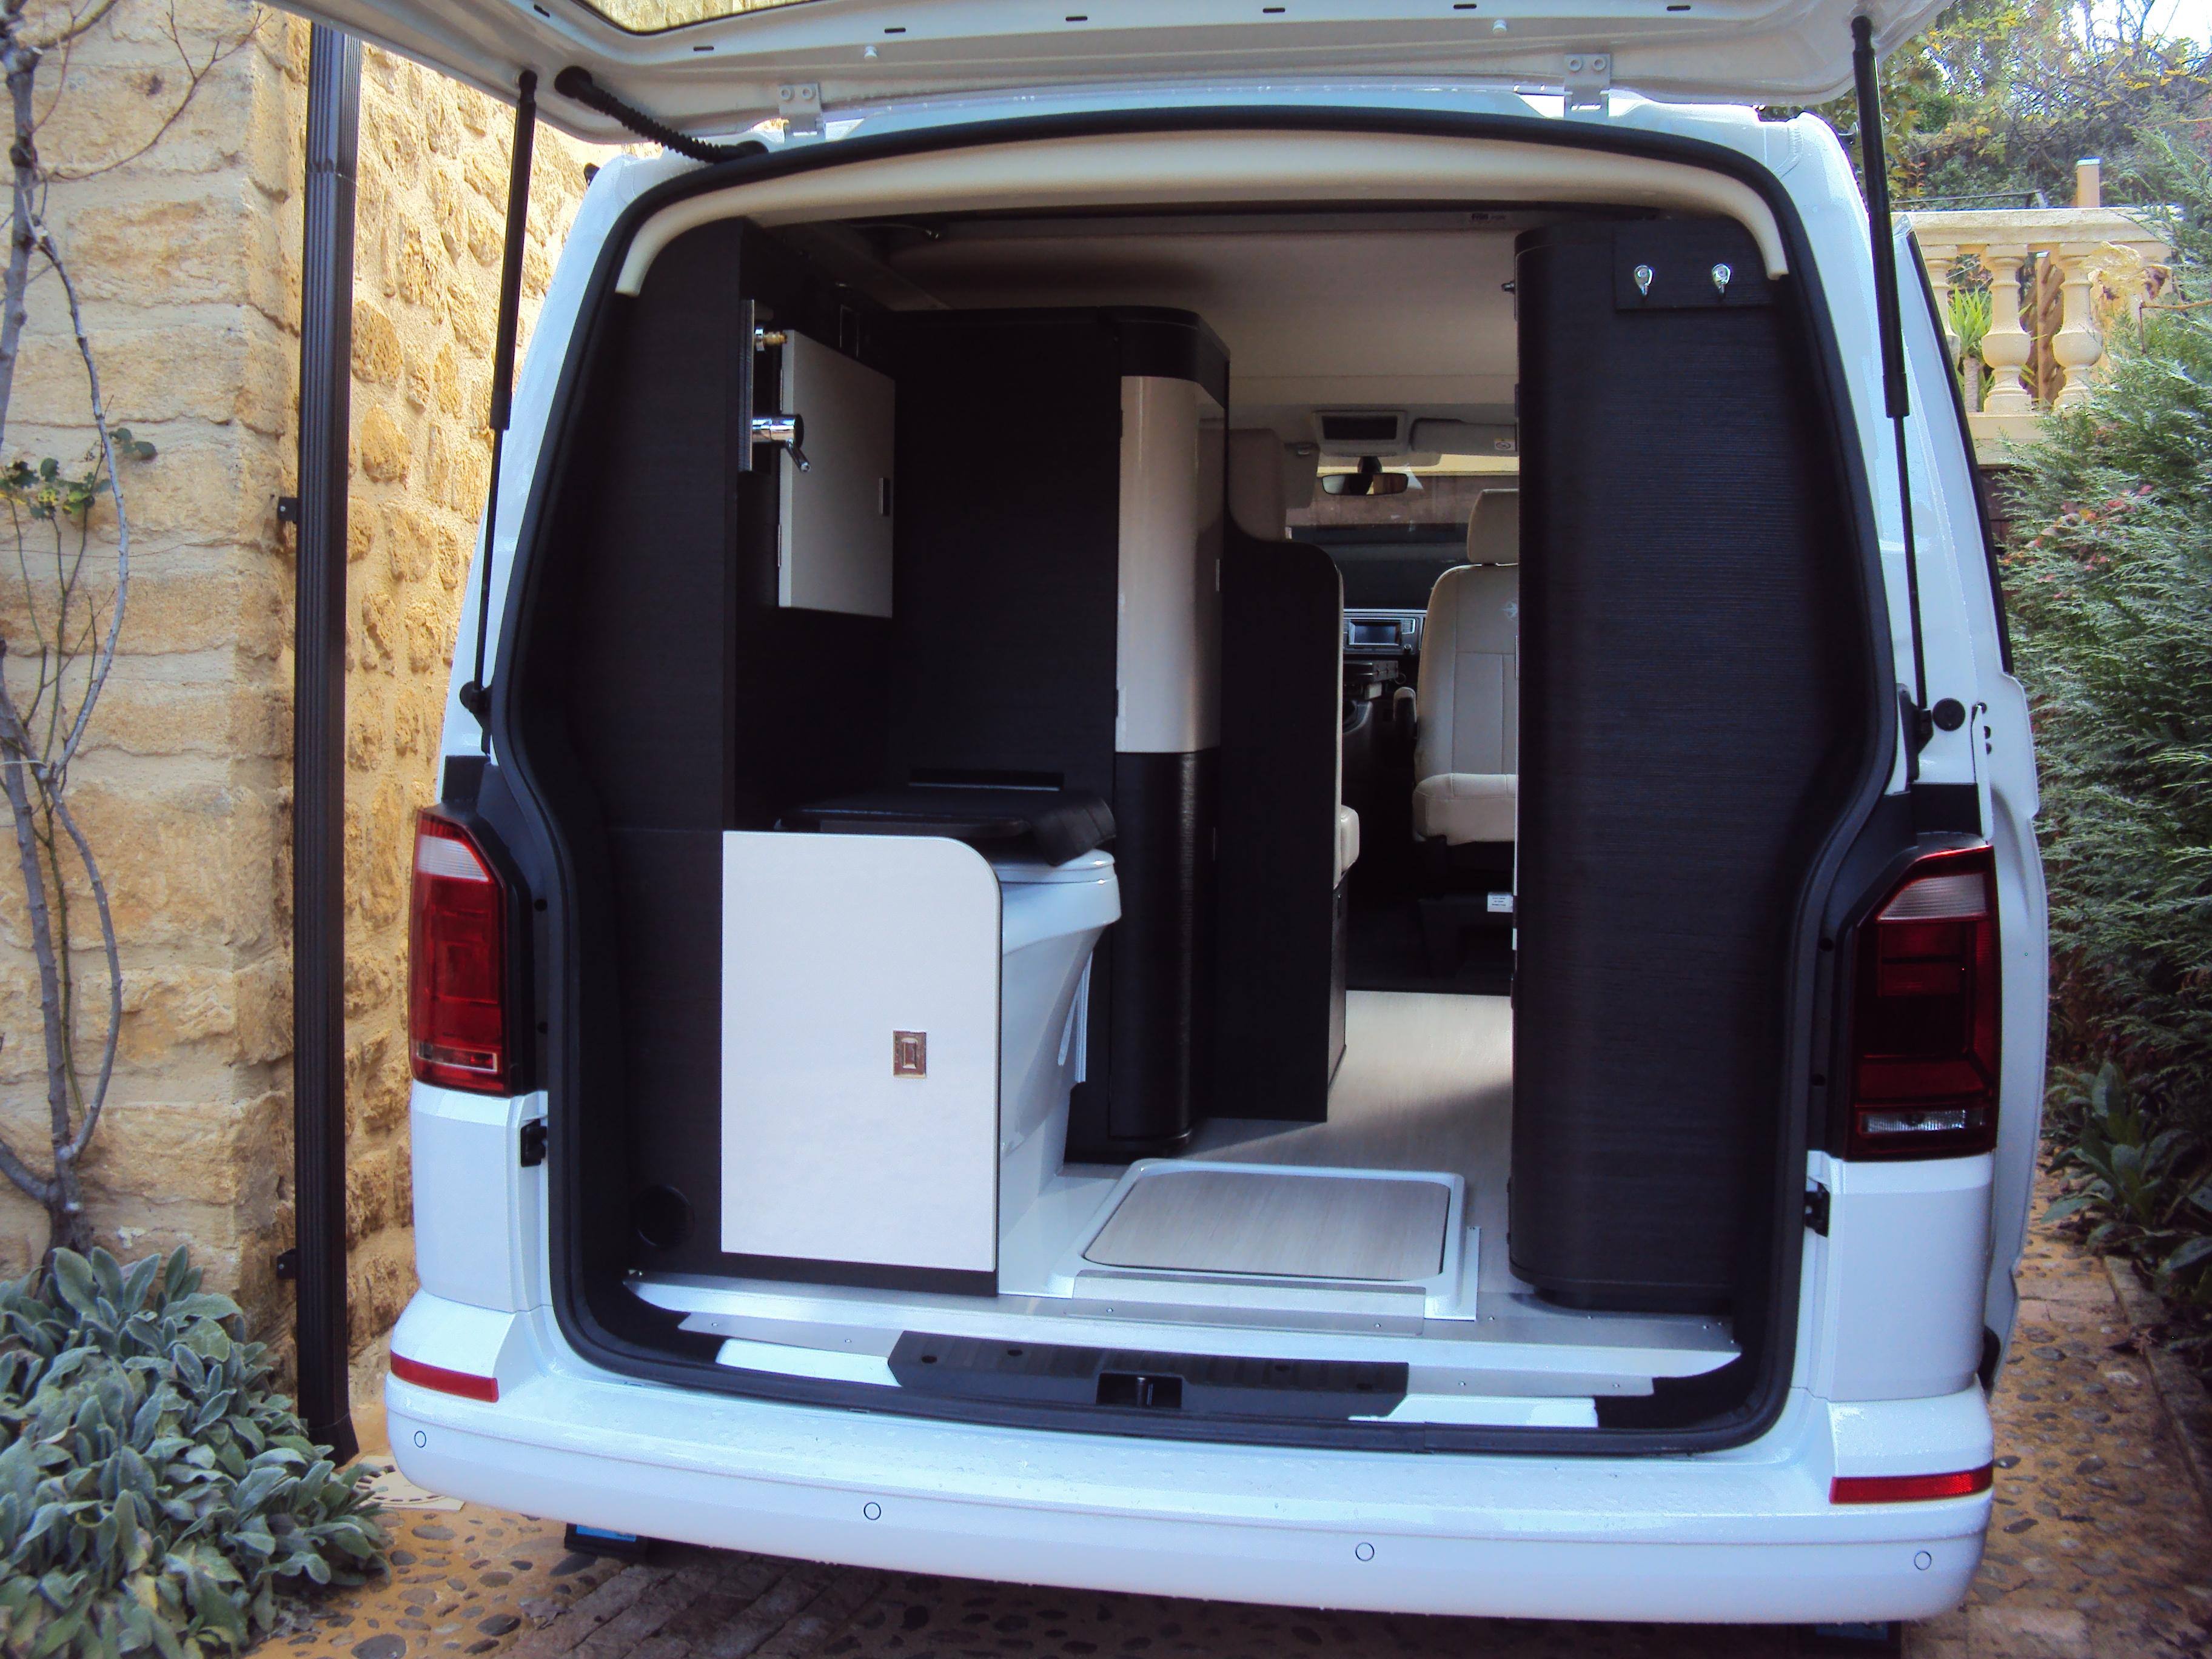 westfalia kepler one occasion de 2018 vw camping car en vente sarlat la caneda dordogne 24. Black Bedroom Furniture Sets. Home Design Ideas